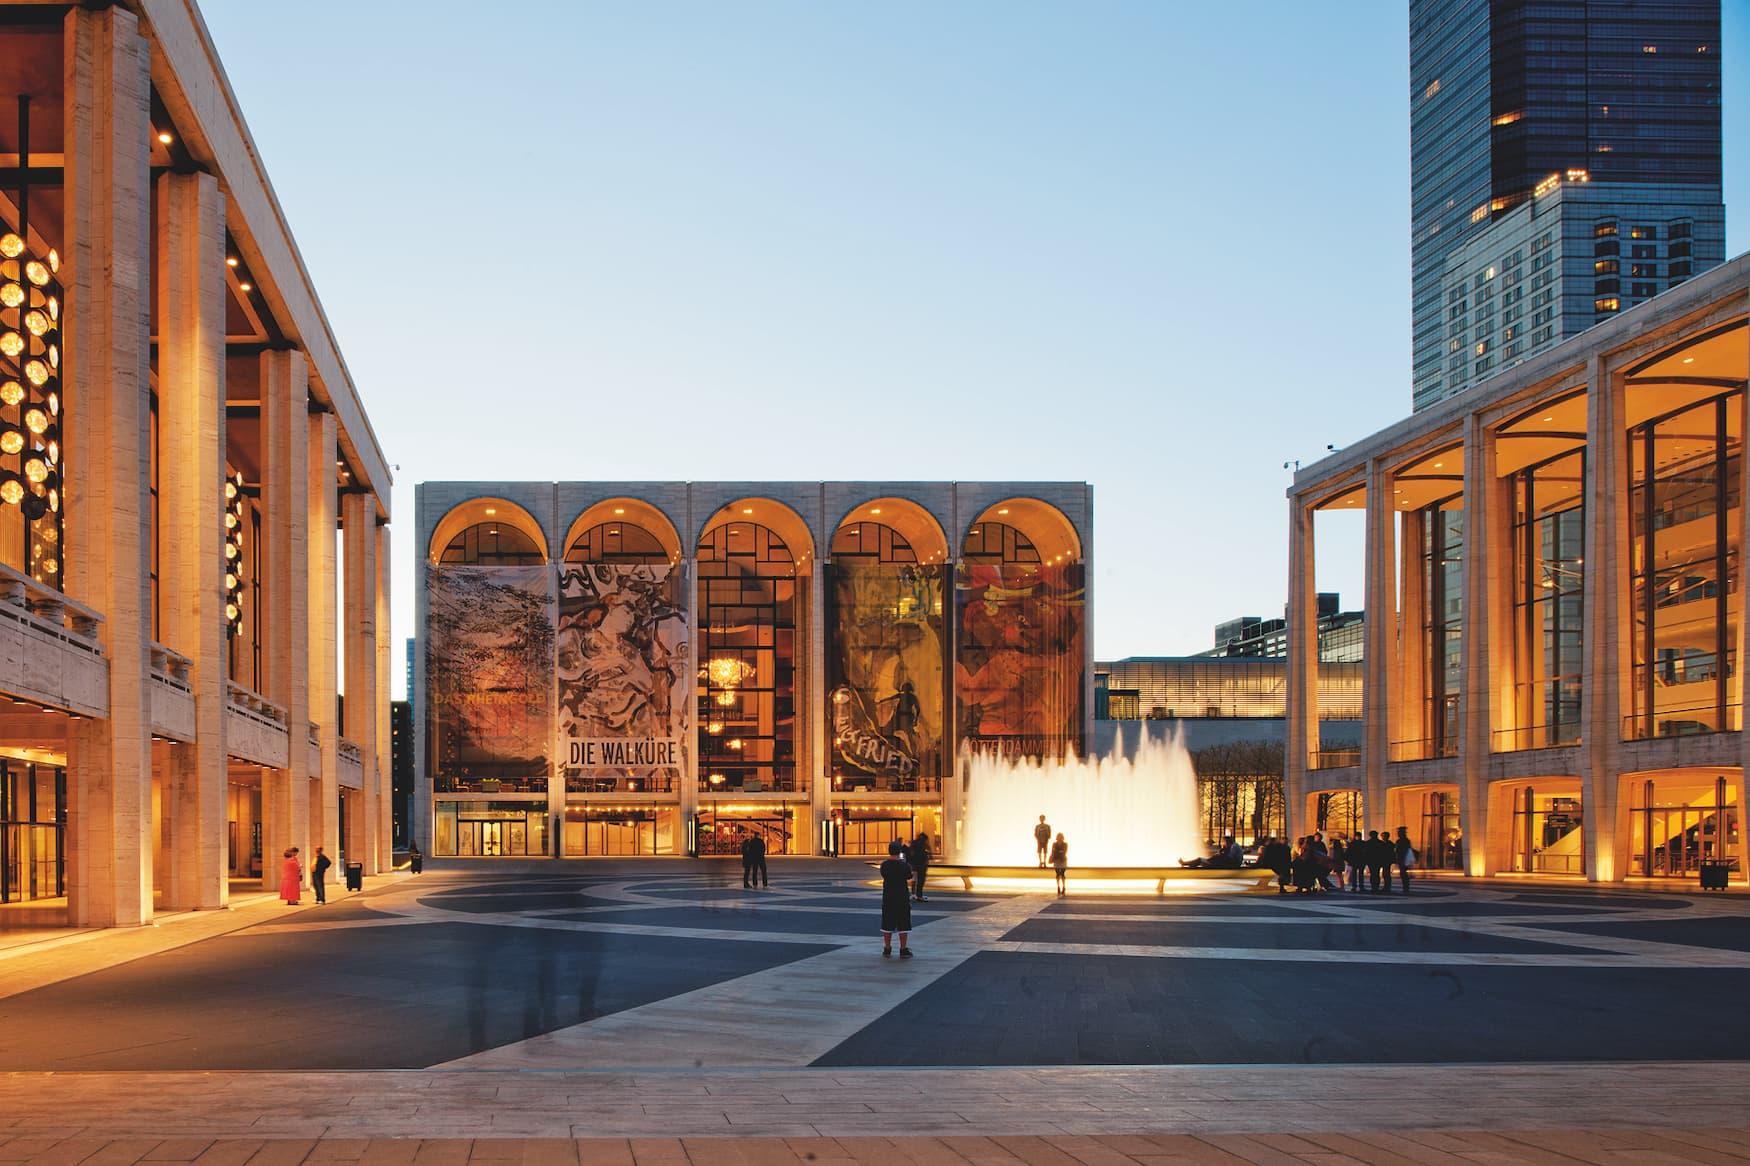 Vorplatz des Metropolitan Opera House in New York City